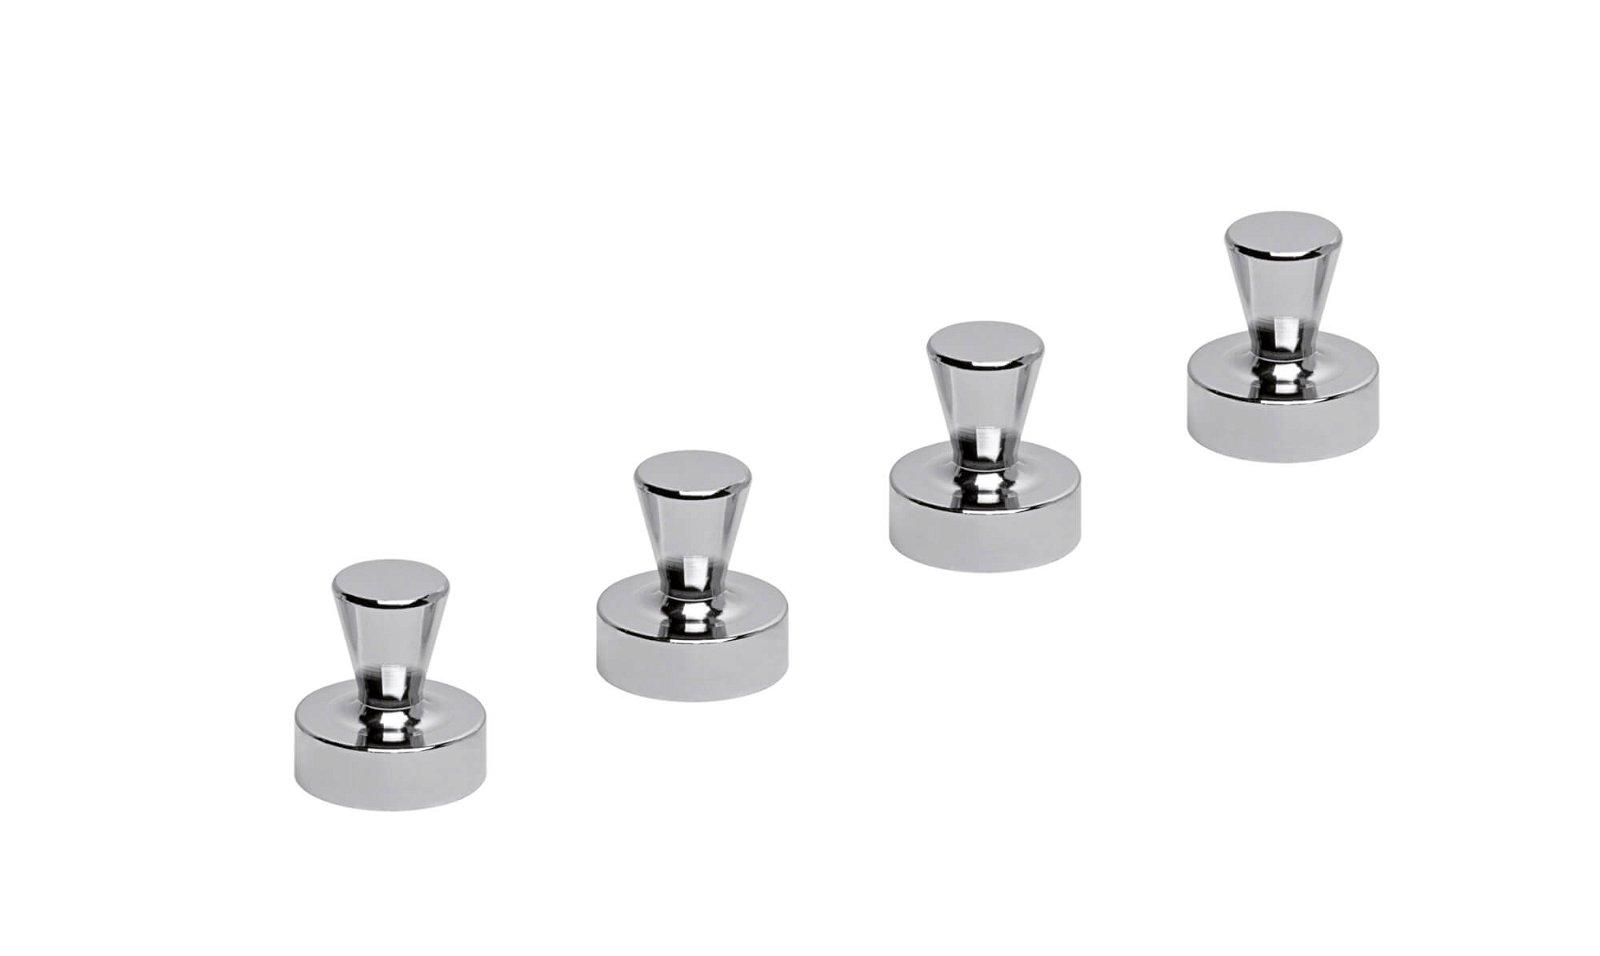 Neodym-Kegelmagnet, Ø 20 mm, 14 kg Haftkraft, 4 St./Set, hellsilber